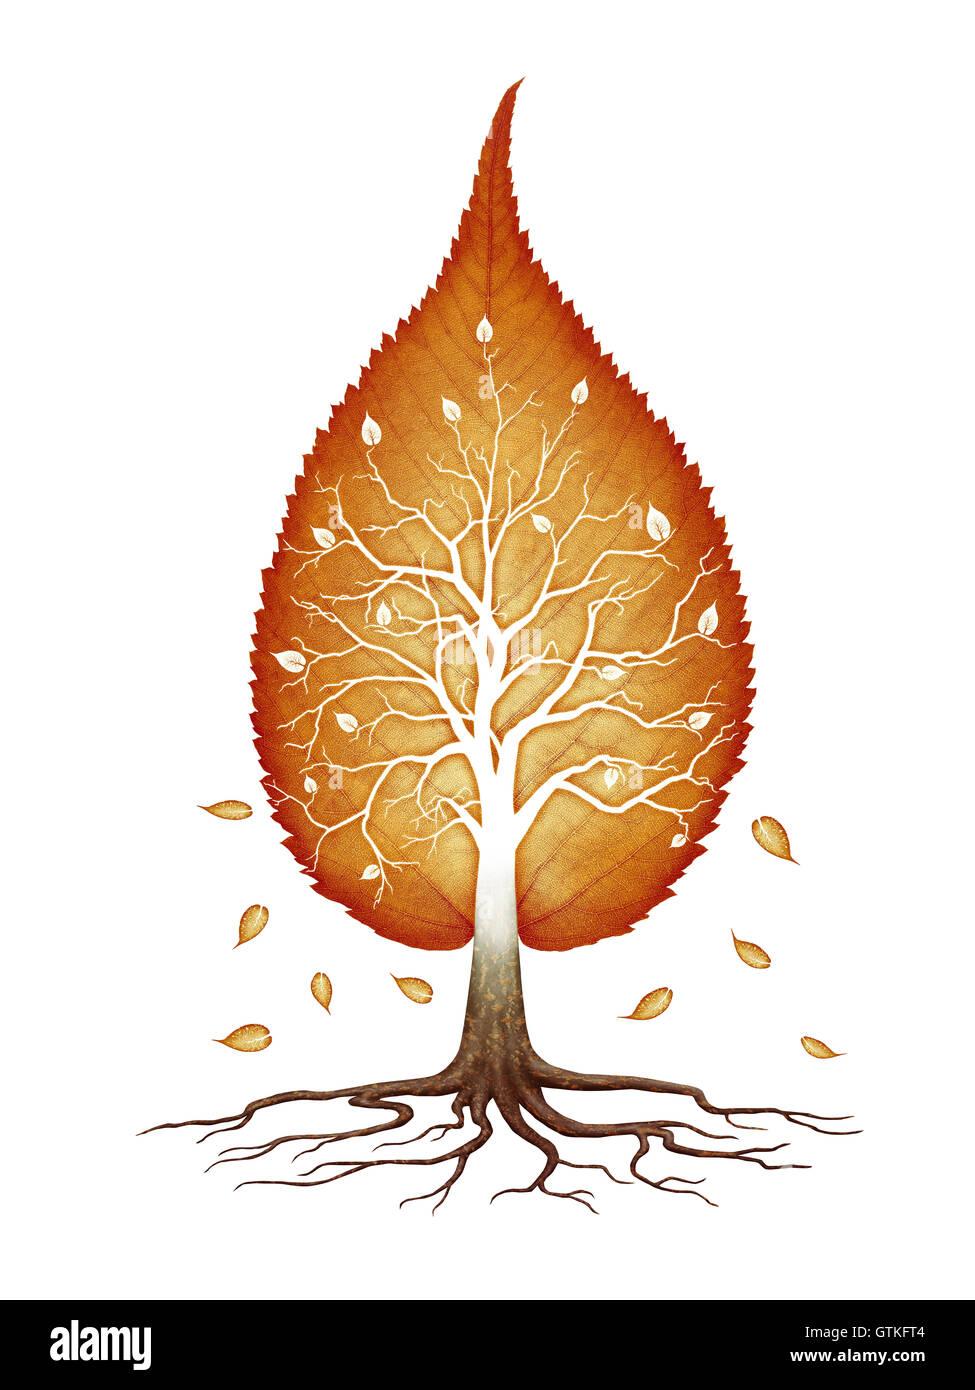 En forme de feuilles d'automne arbre avec branches et racines infinie de la nature spirituelle, fractales, zen Photo Stock